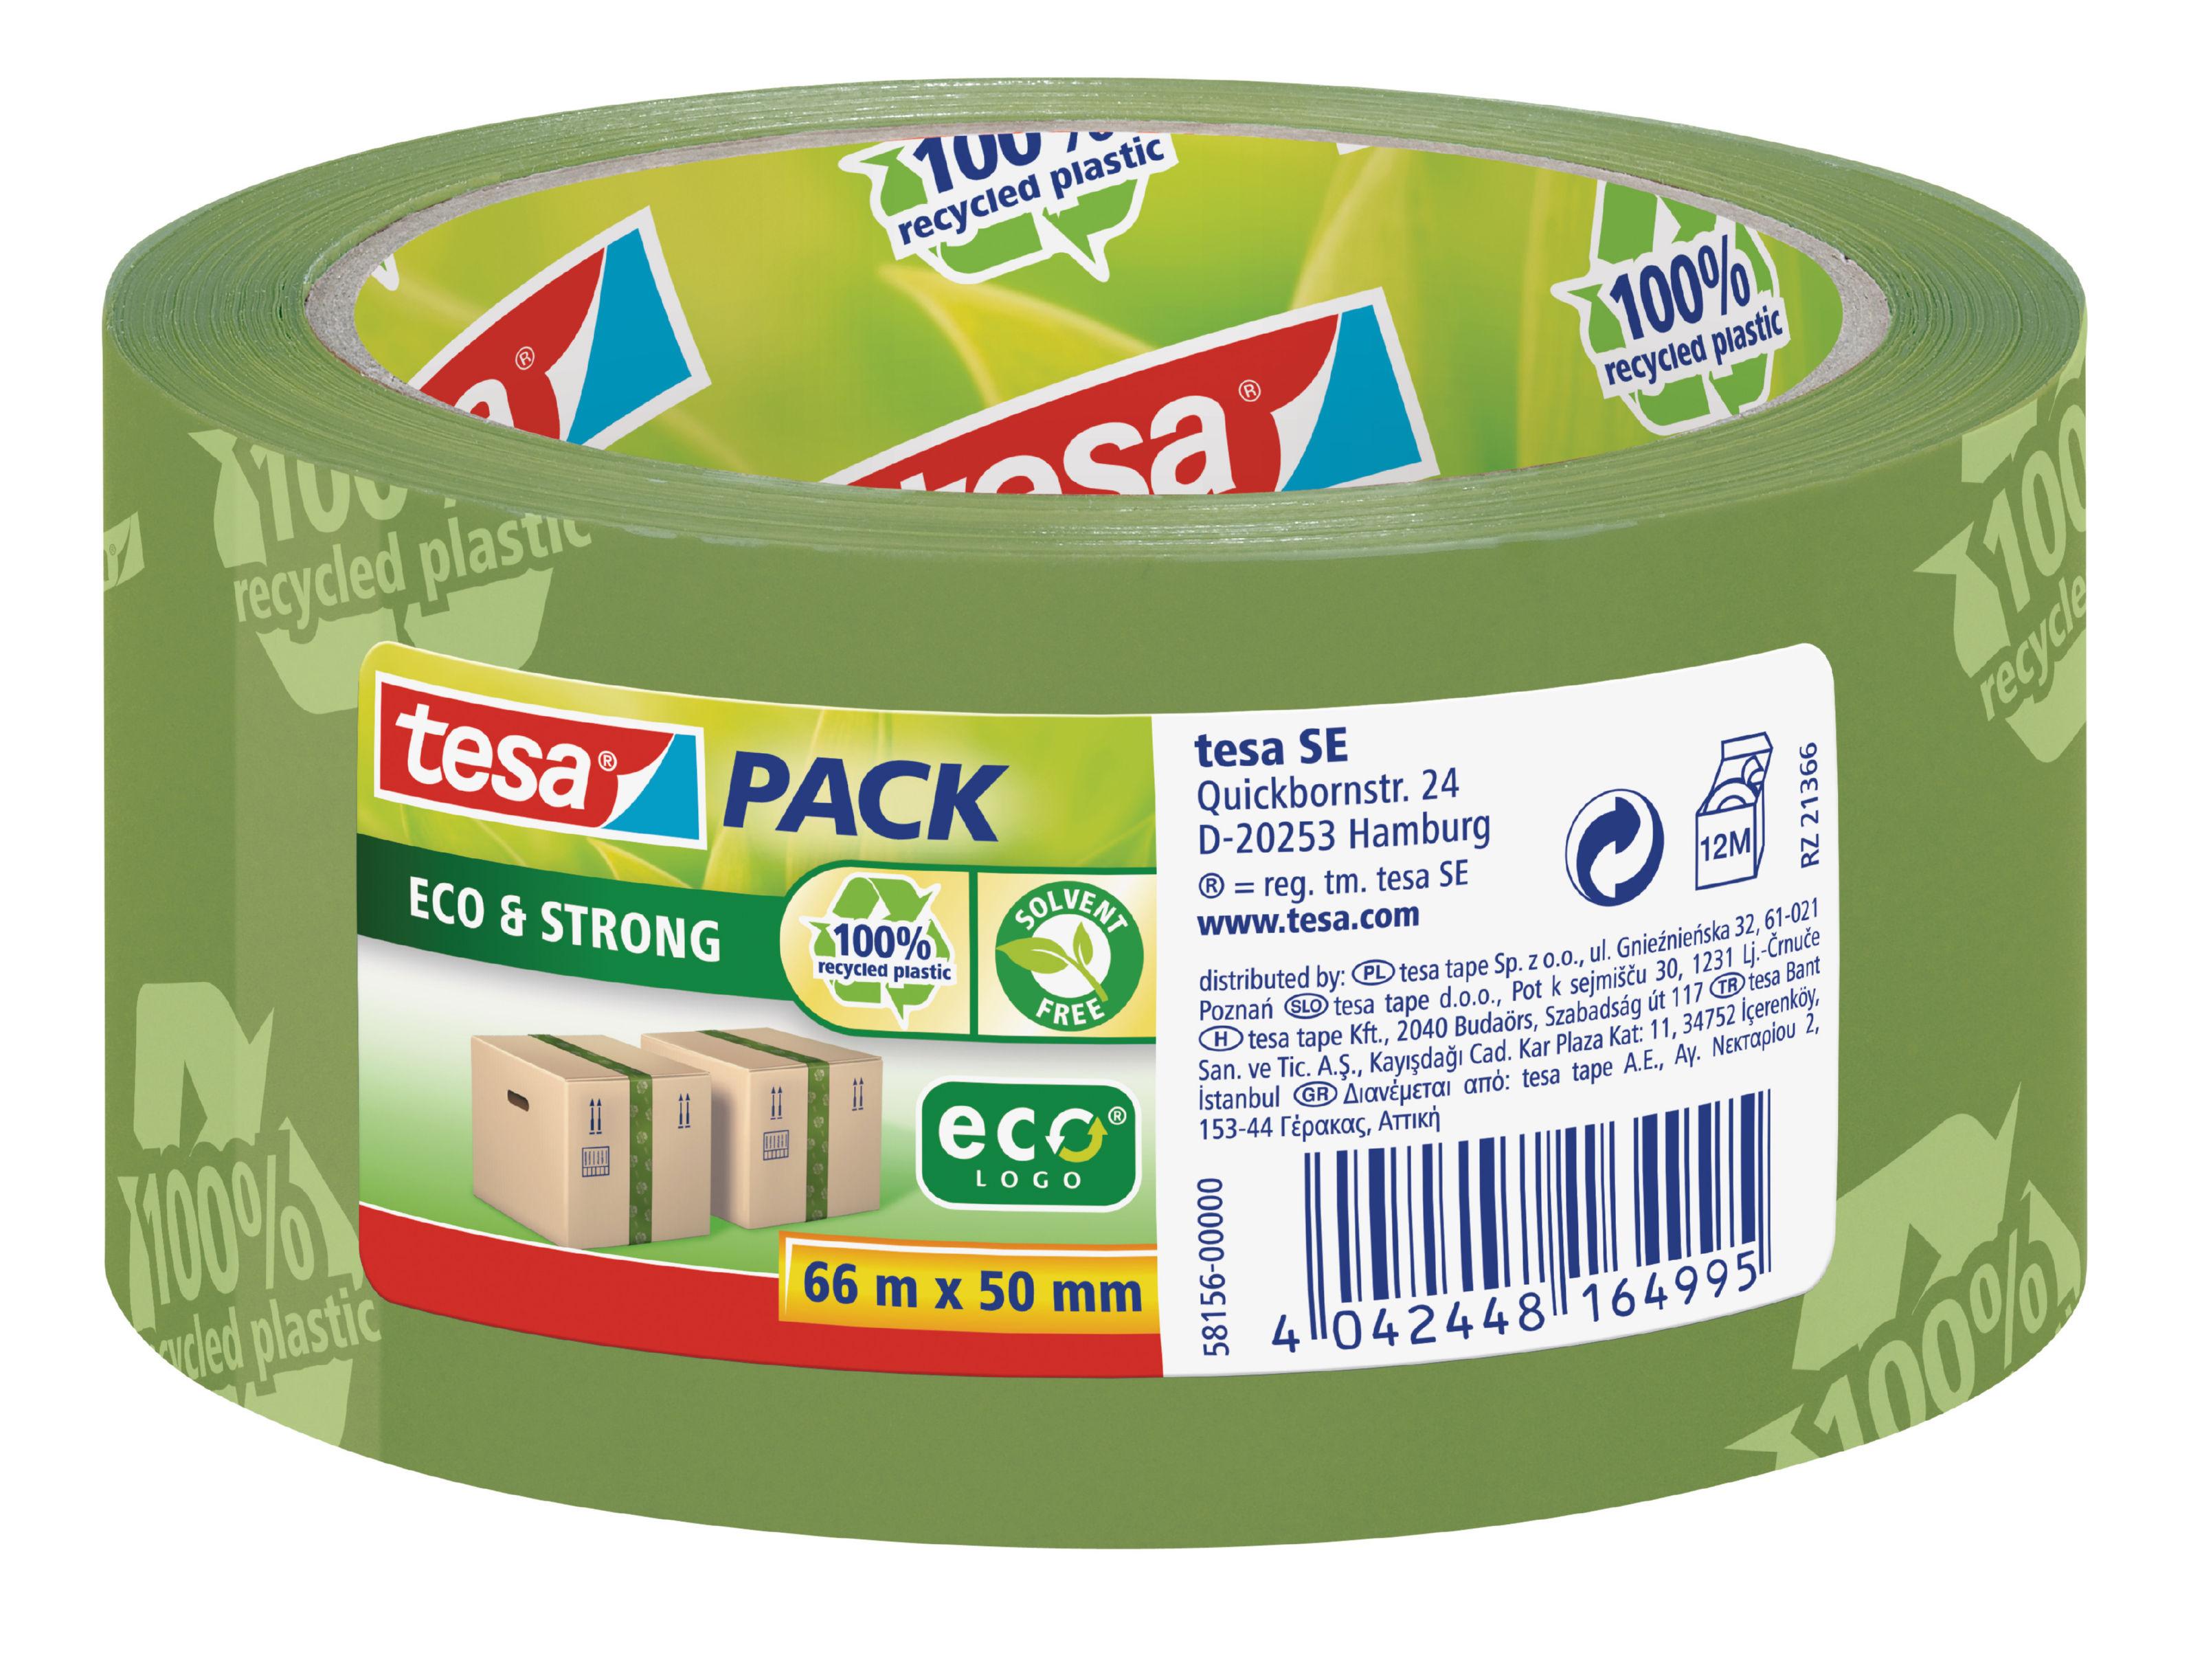 Packing Tape tesa EcoLogo Printed Polypropylene Tape 50mmx66m Green 58156 PK6